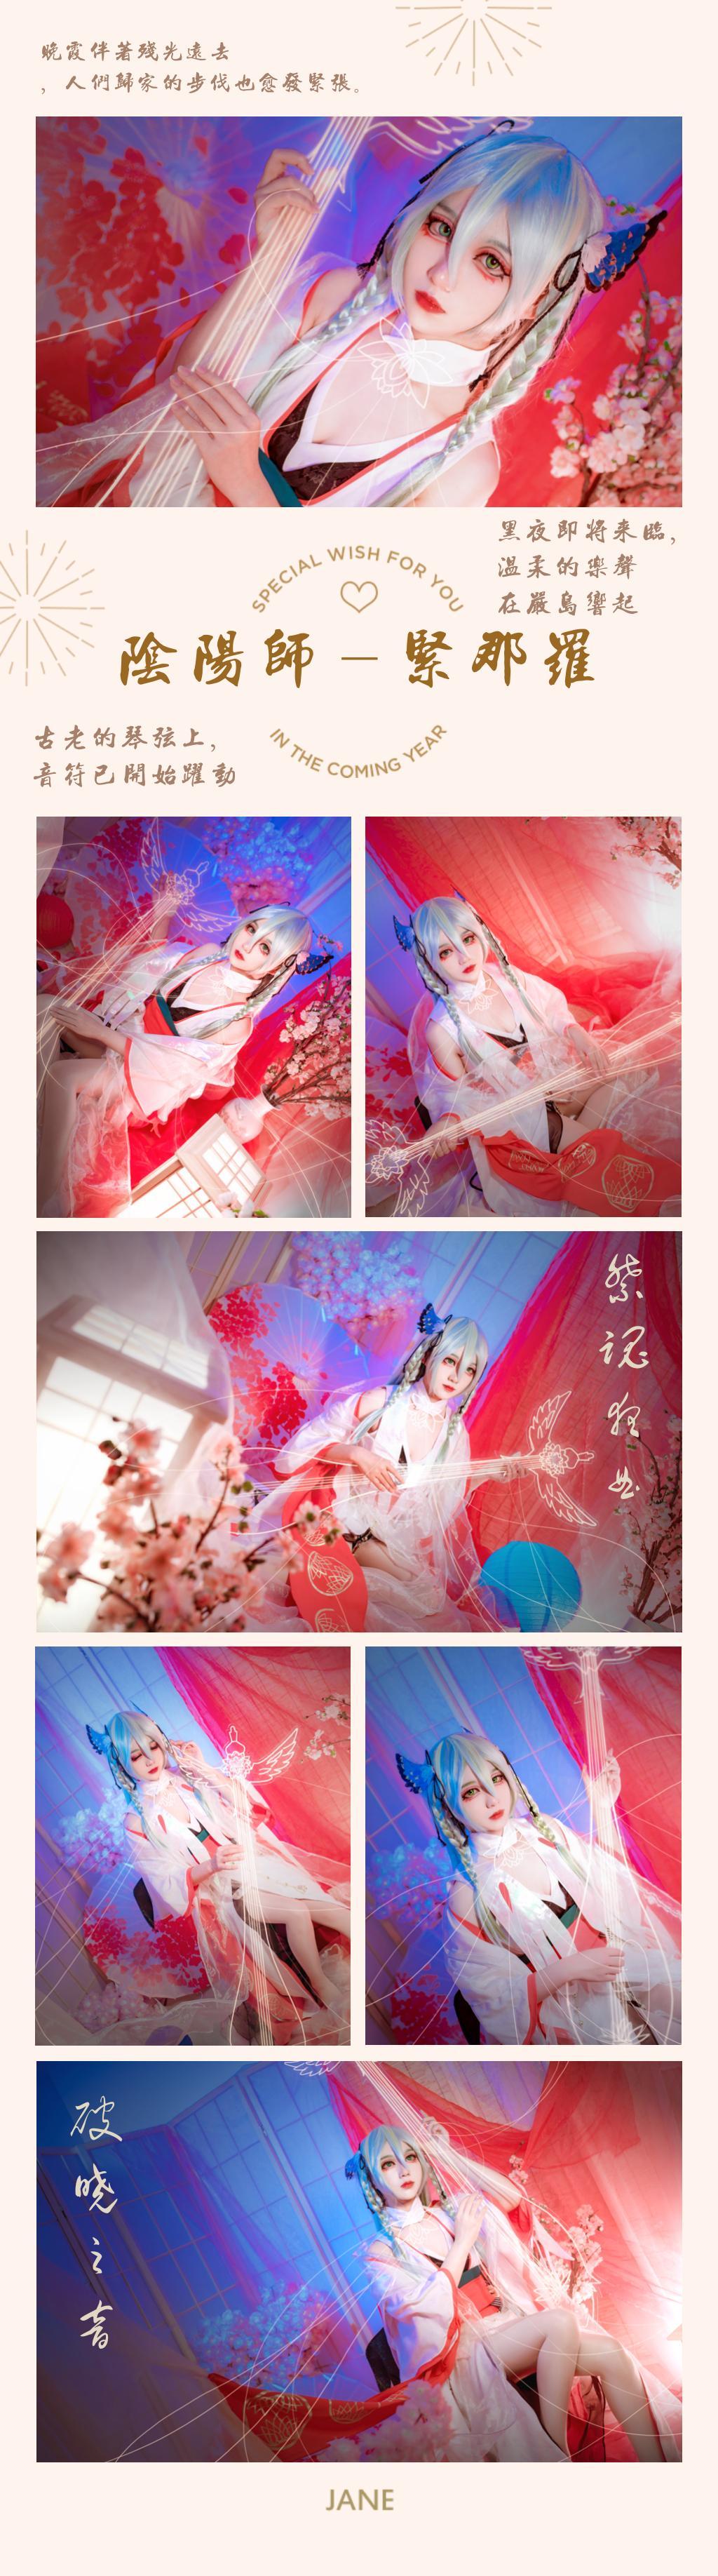 正片cosplay【CN:仔仔十三】-第8张